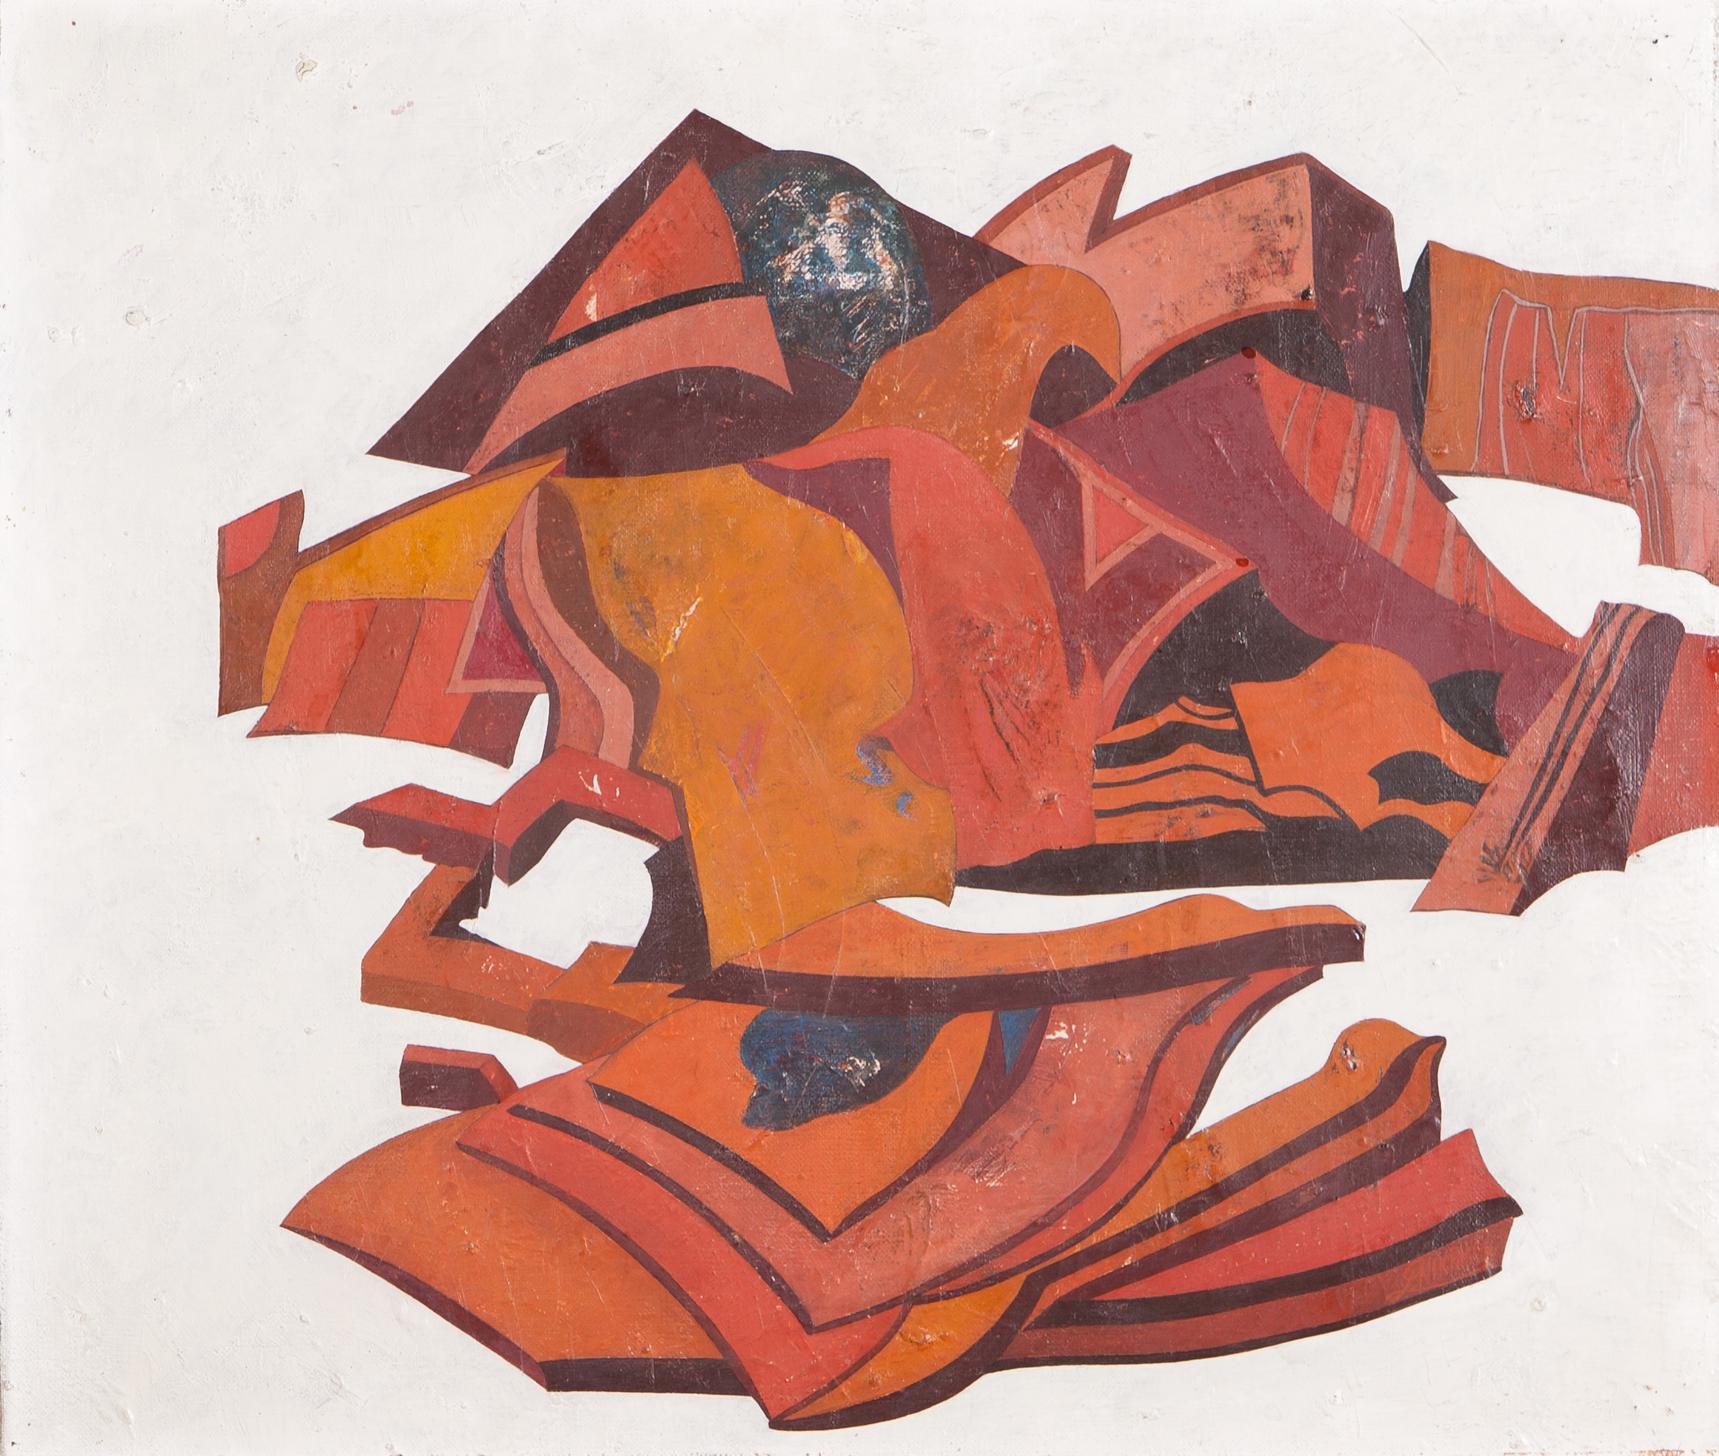 Nikias Skapinakis-Pintura XlVII-1971